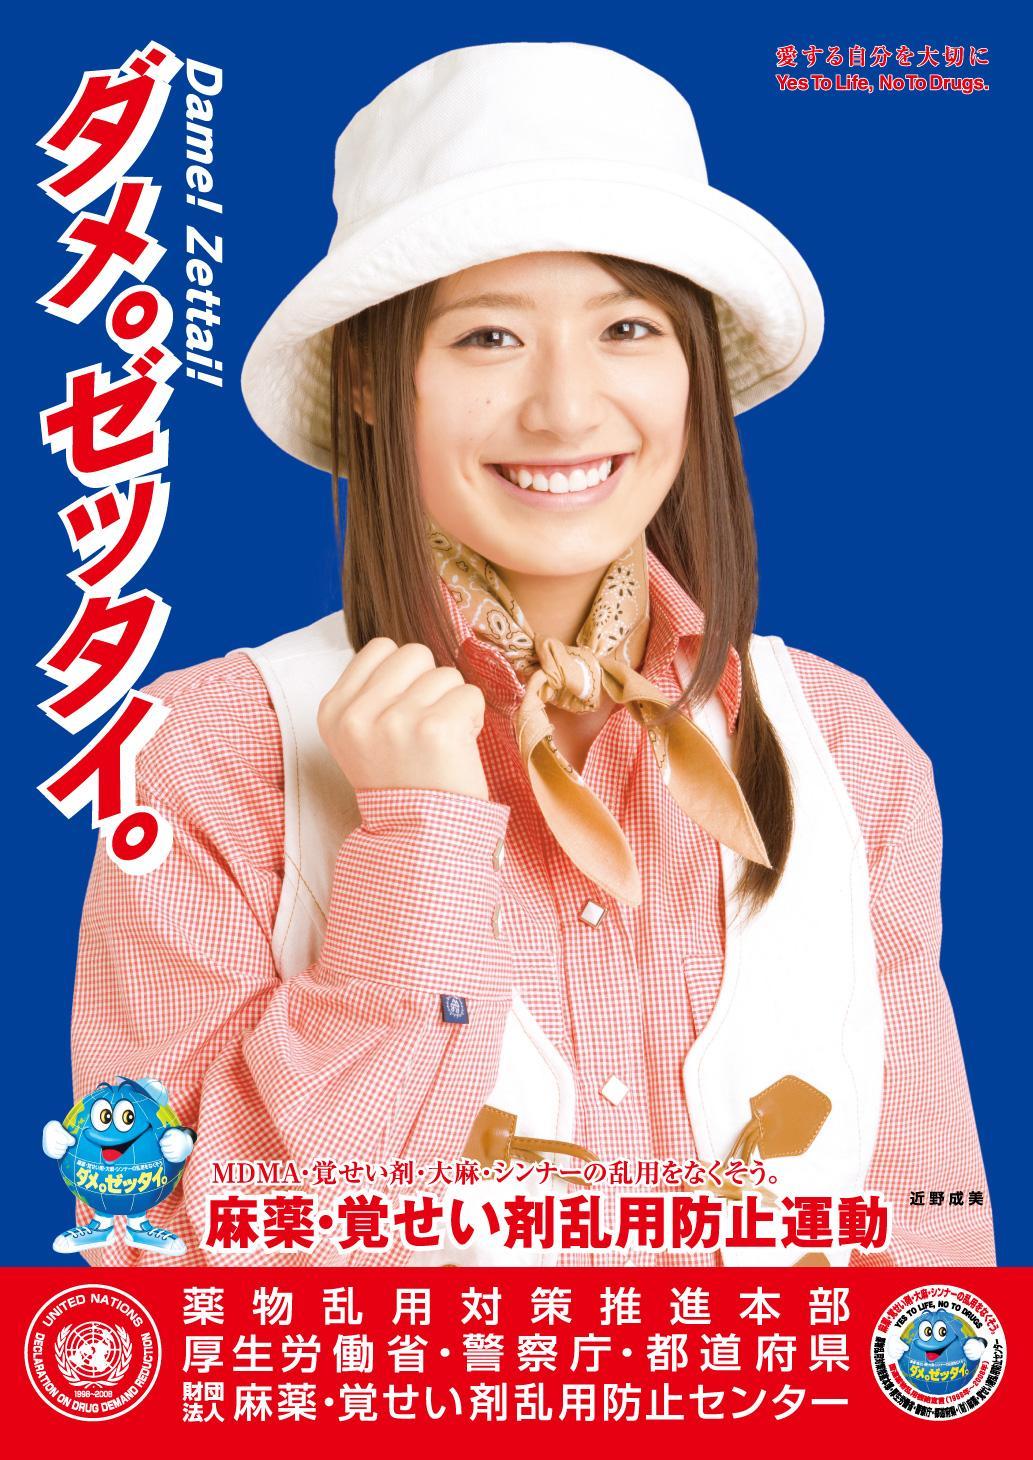 覚せい剤防止キャンペーン2009